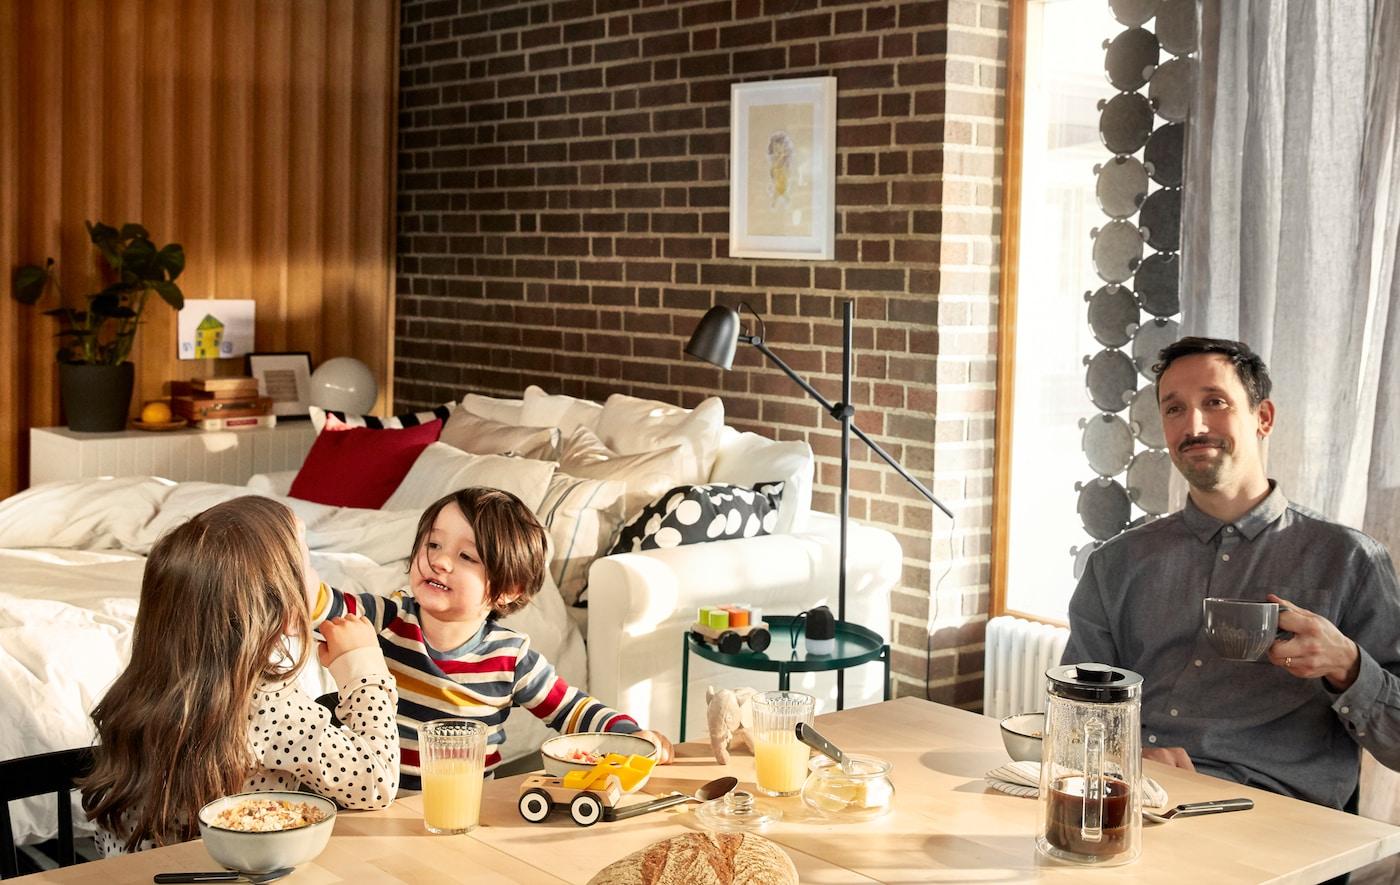 Egy apuka higgadtan ül a reggelizőasztalnál, kávét iszik, mellette a két gyereke játszik az étellel.